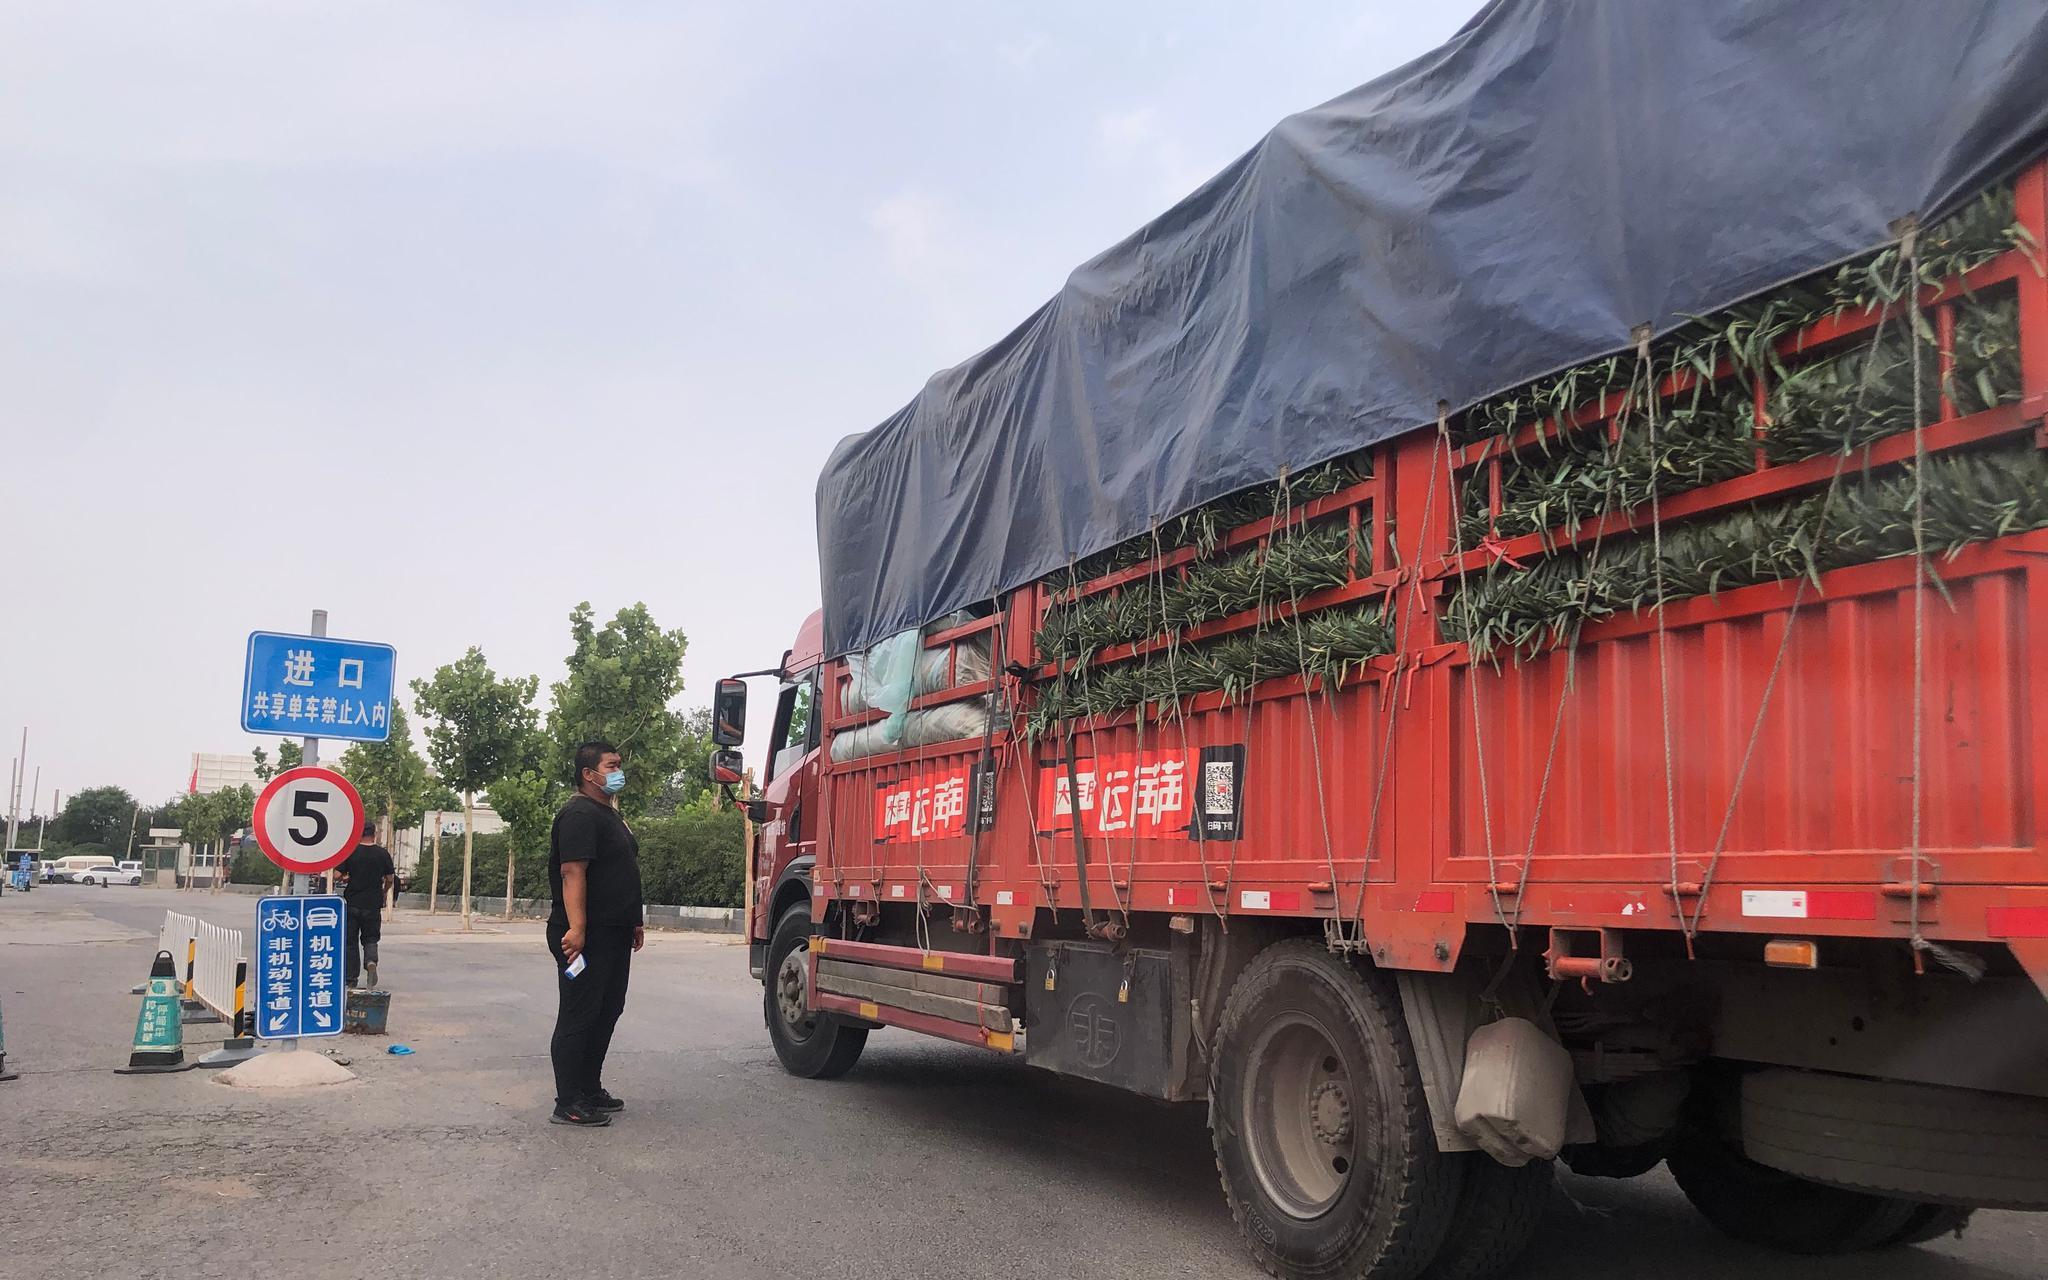 蔬菜临时交易区里已有运输车开进来交易。新京报记者 田杰雄 摄